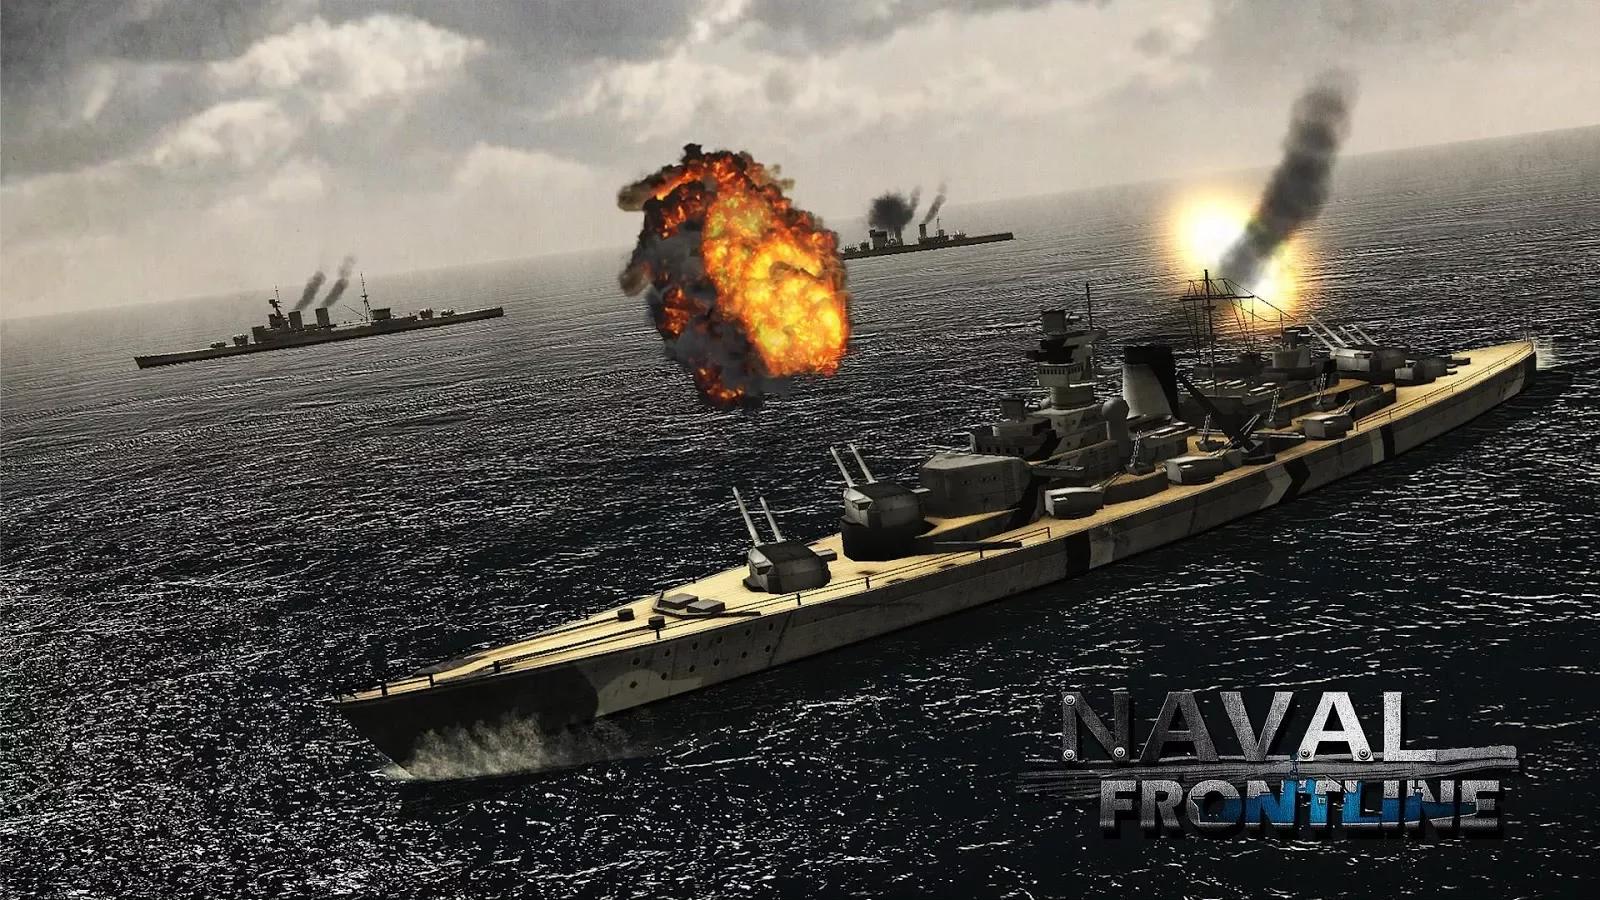 海军最前线 : 意军奇袭截图12